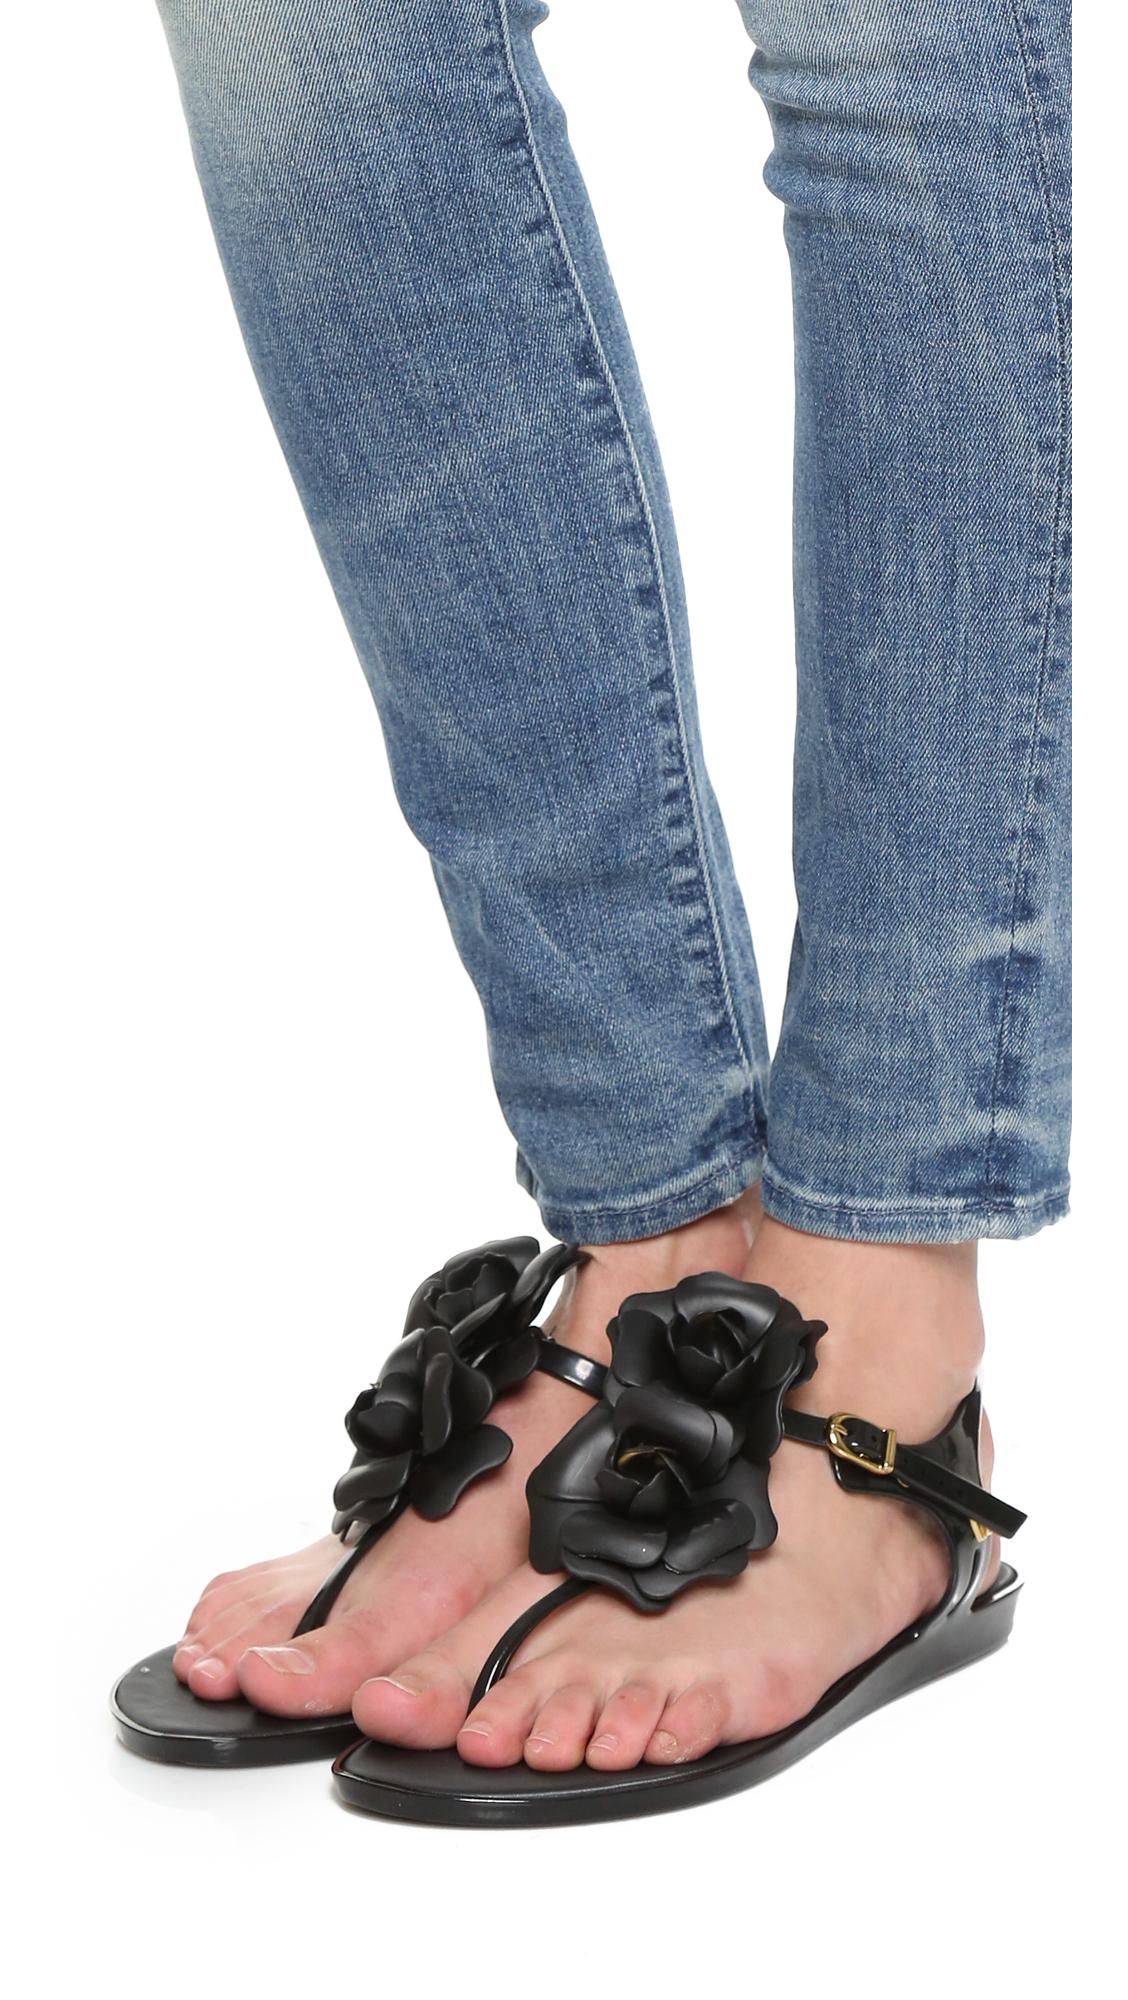 35c8a129d12168 Melissa Solar Garden Sandals in Black - Lyst